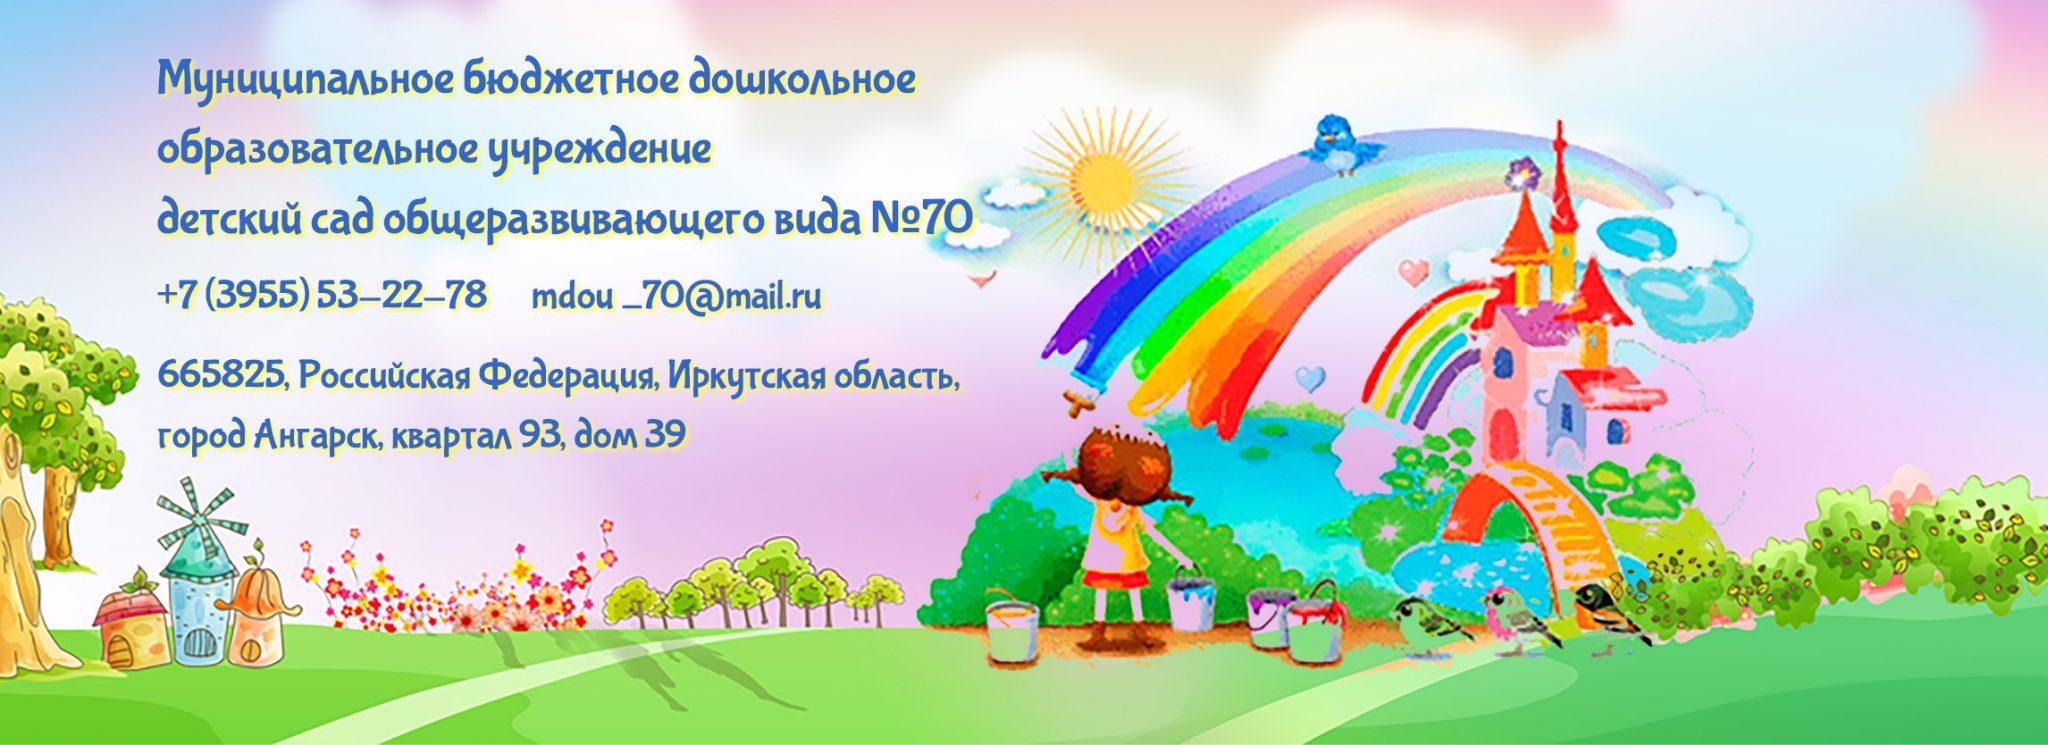 МБДОУ детский сад общеразвивающего вида №70